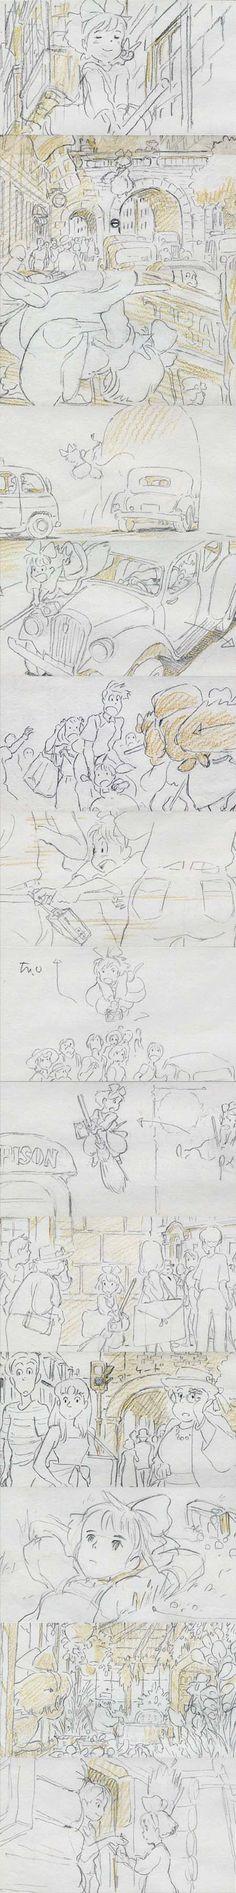 アニメ監督・幾原邦彦が描いた絵コンテやべええええっっwwwww - まめ速